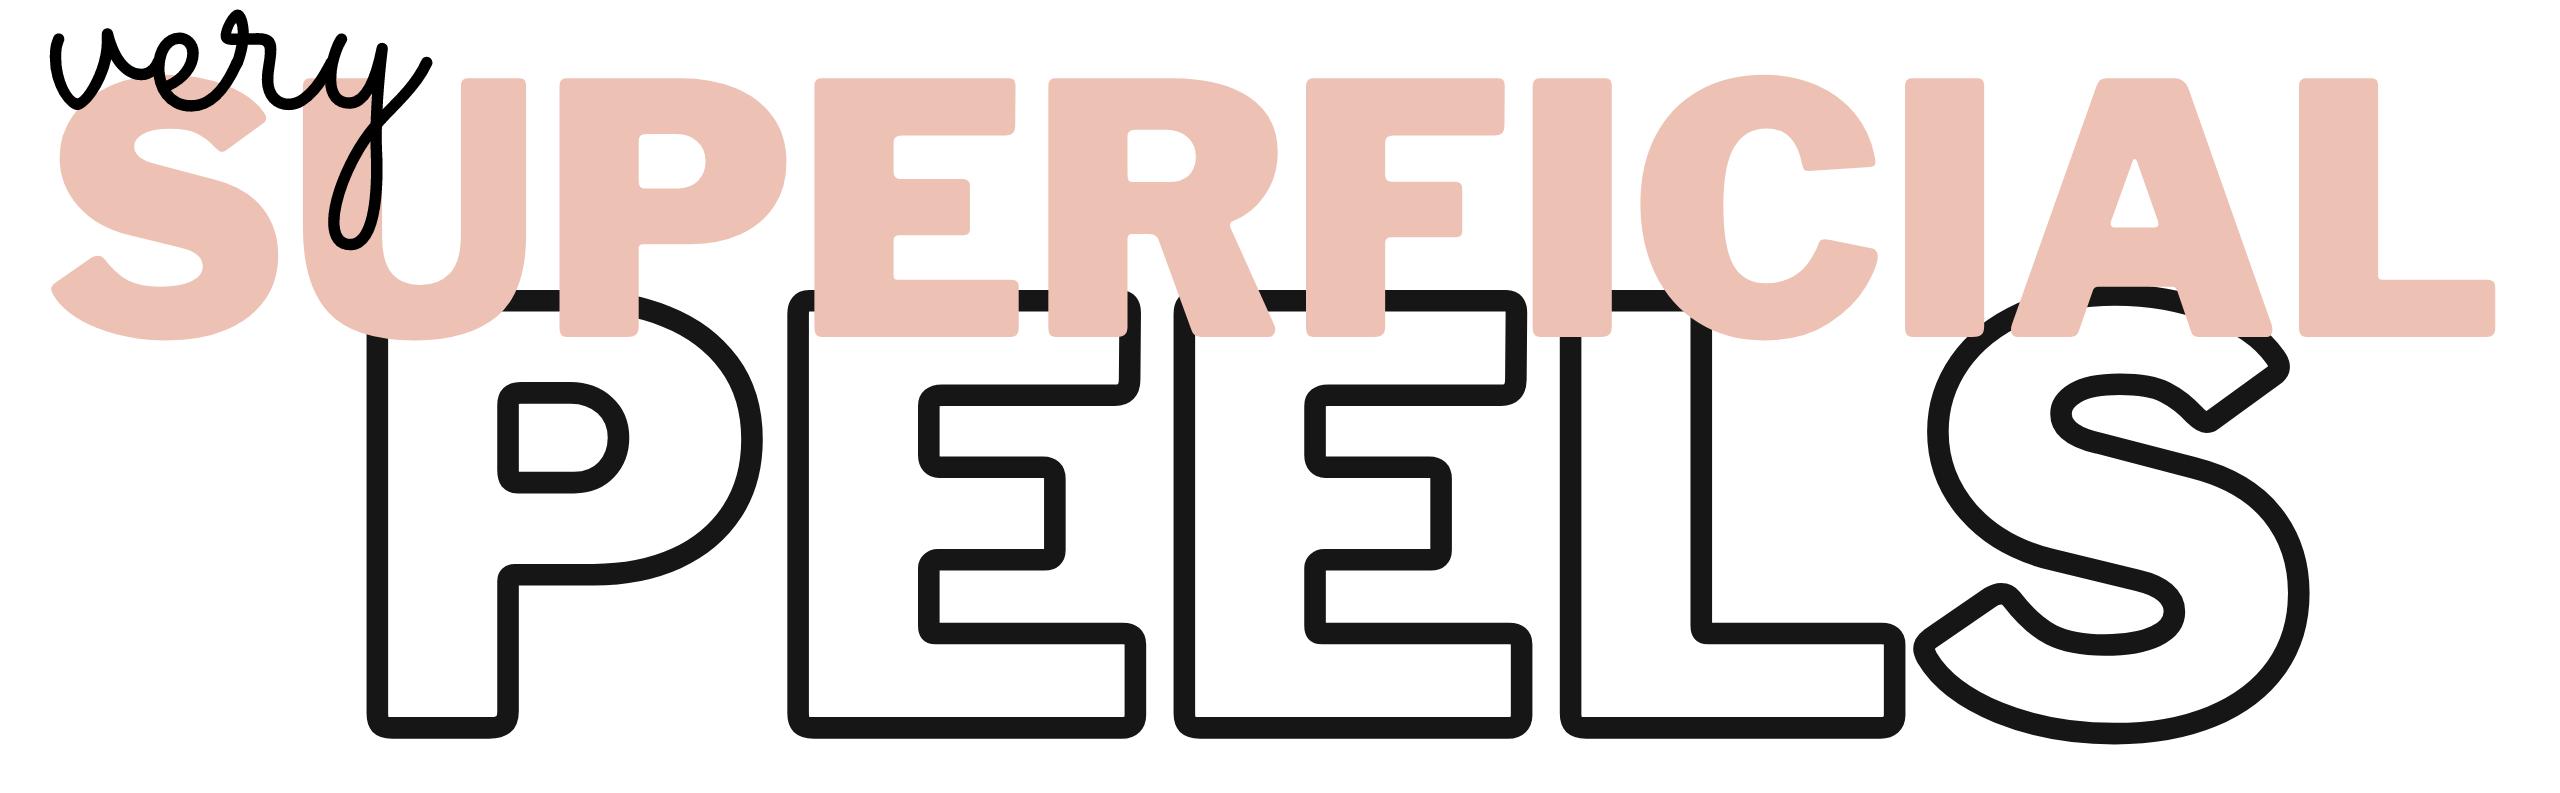 very superficial peels